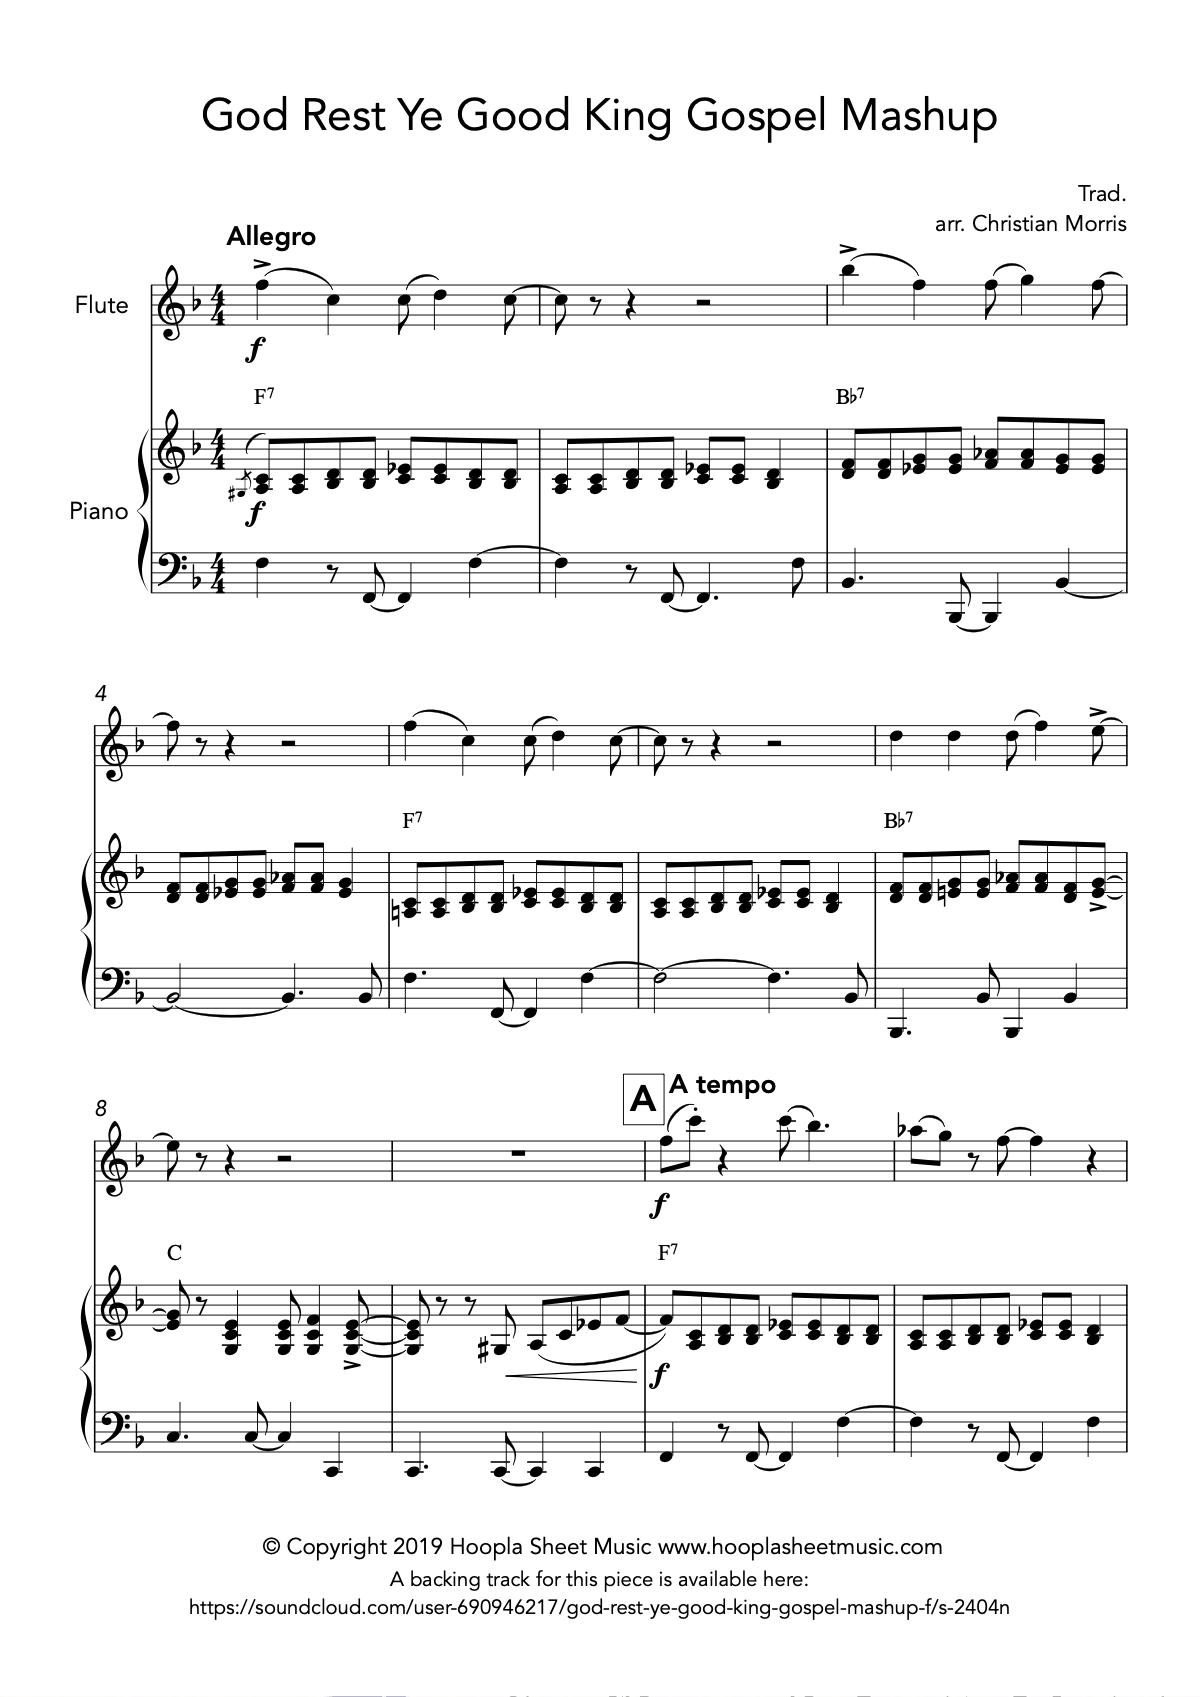 God Rest Ye Good King Gospel Mashup (Flute)